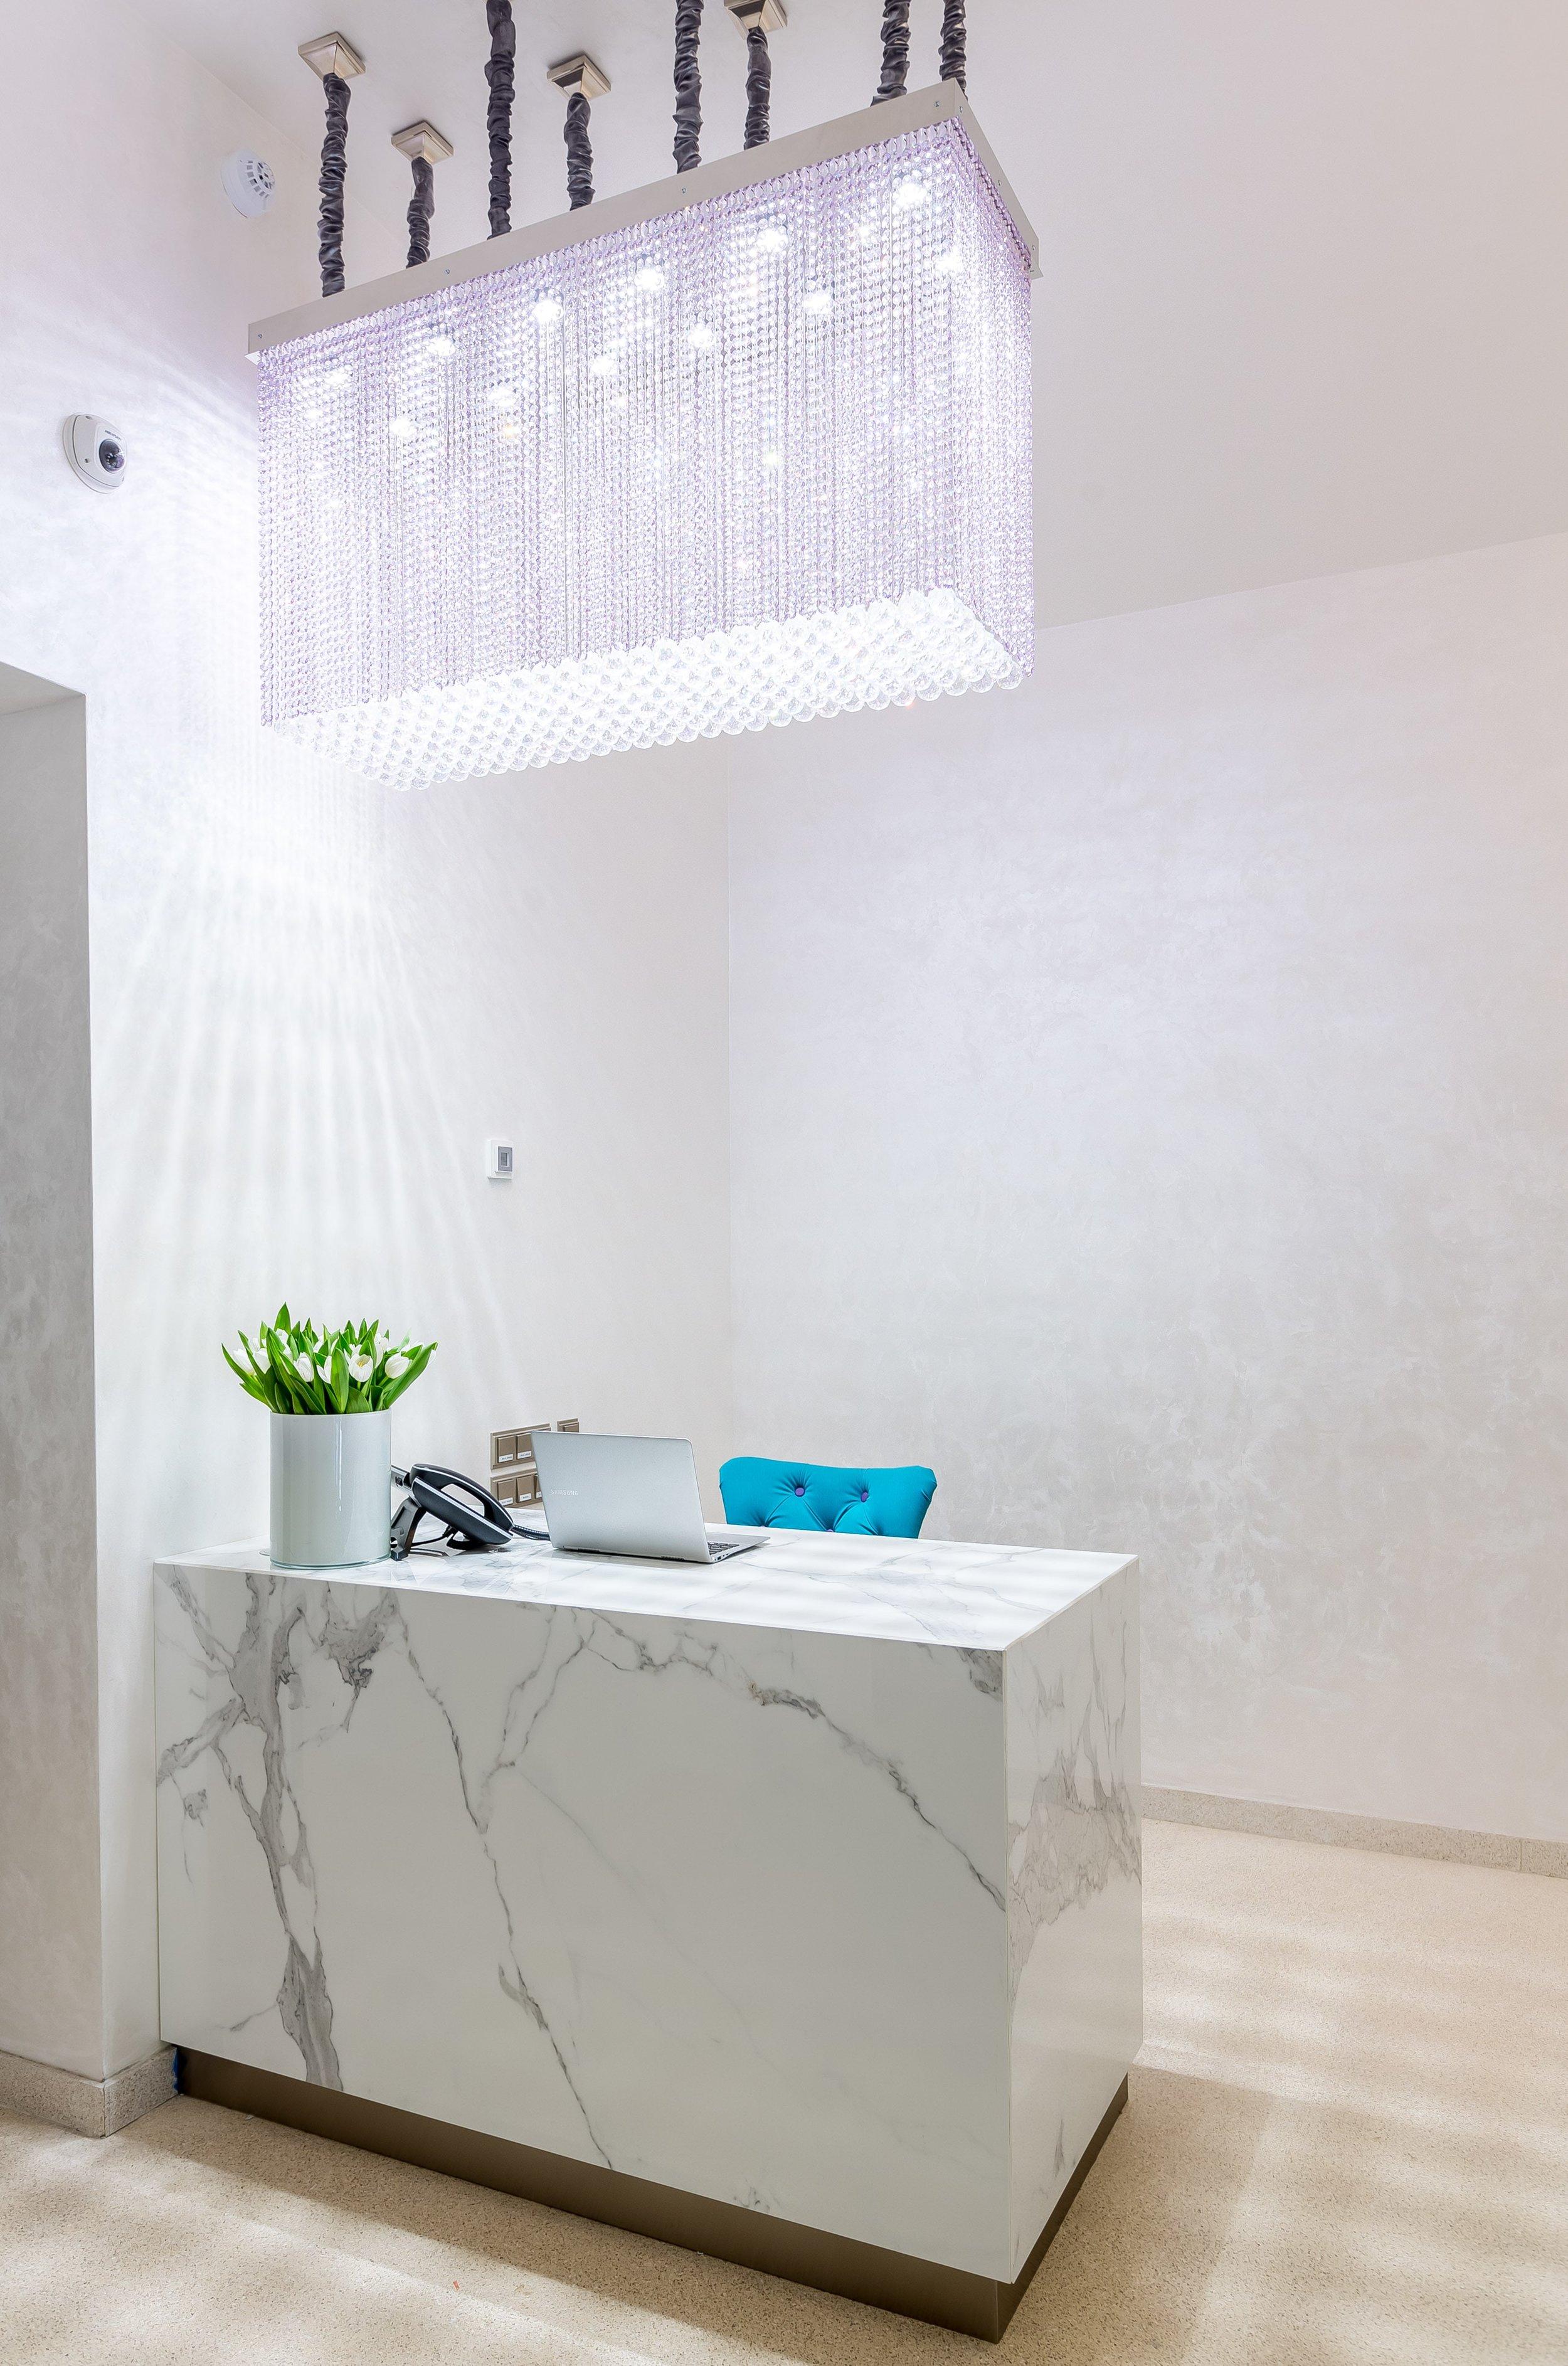 myo-hotel-wenceslas-prague-wranovsky-crystal-chandeliers-3.jpg